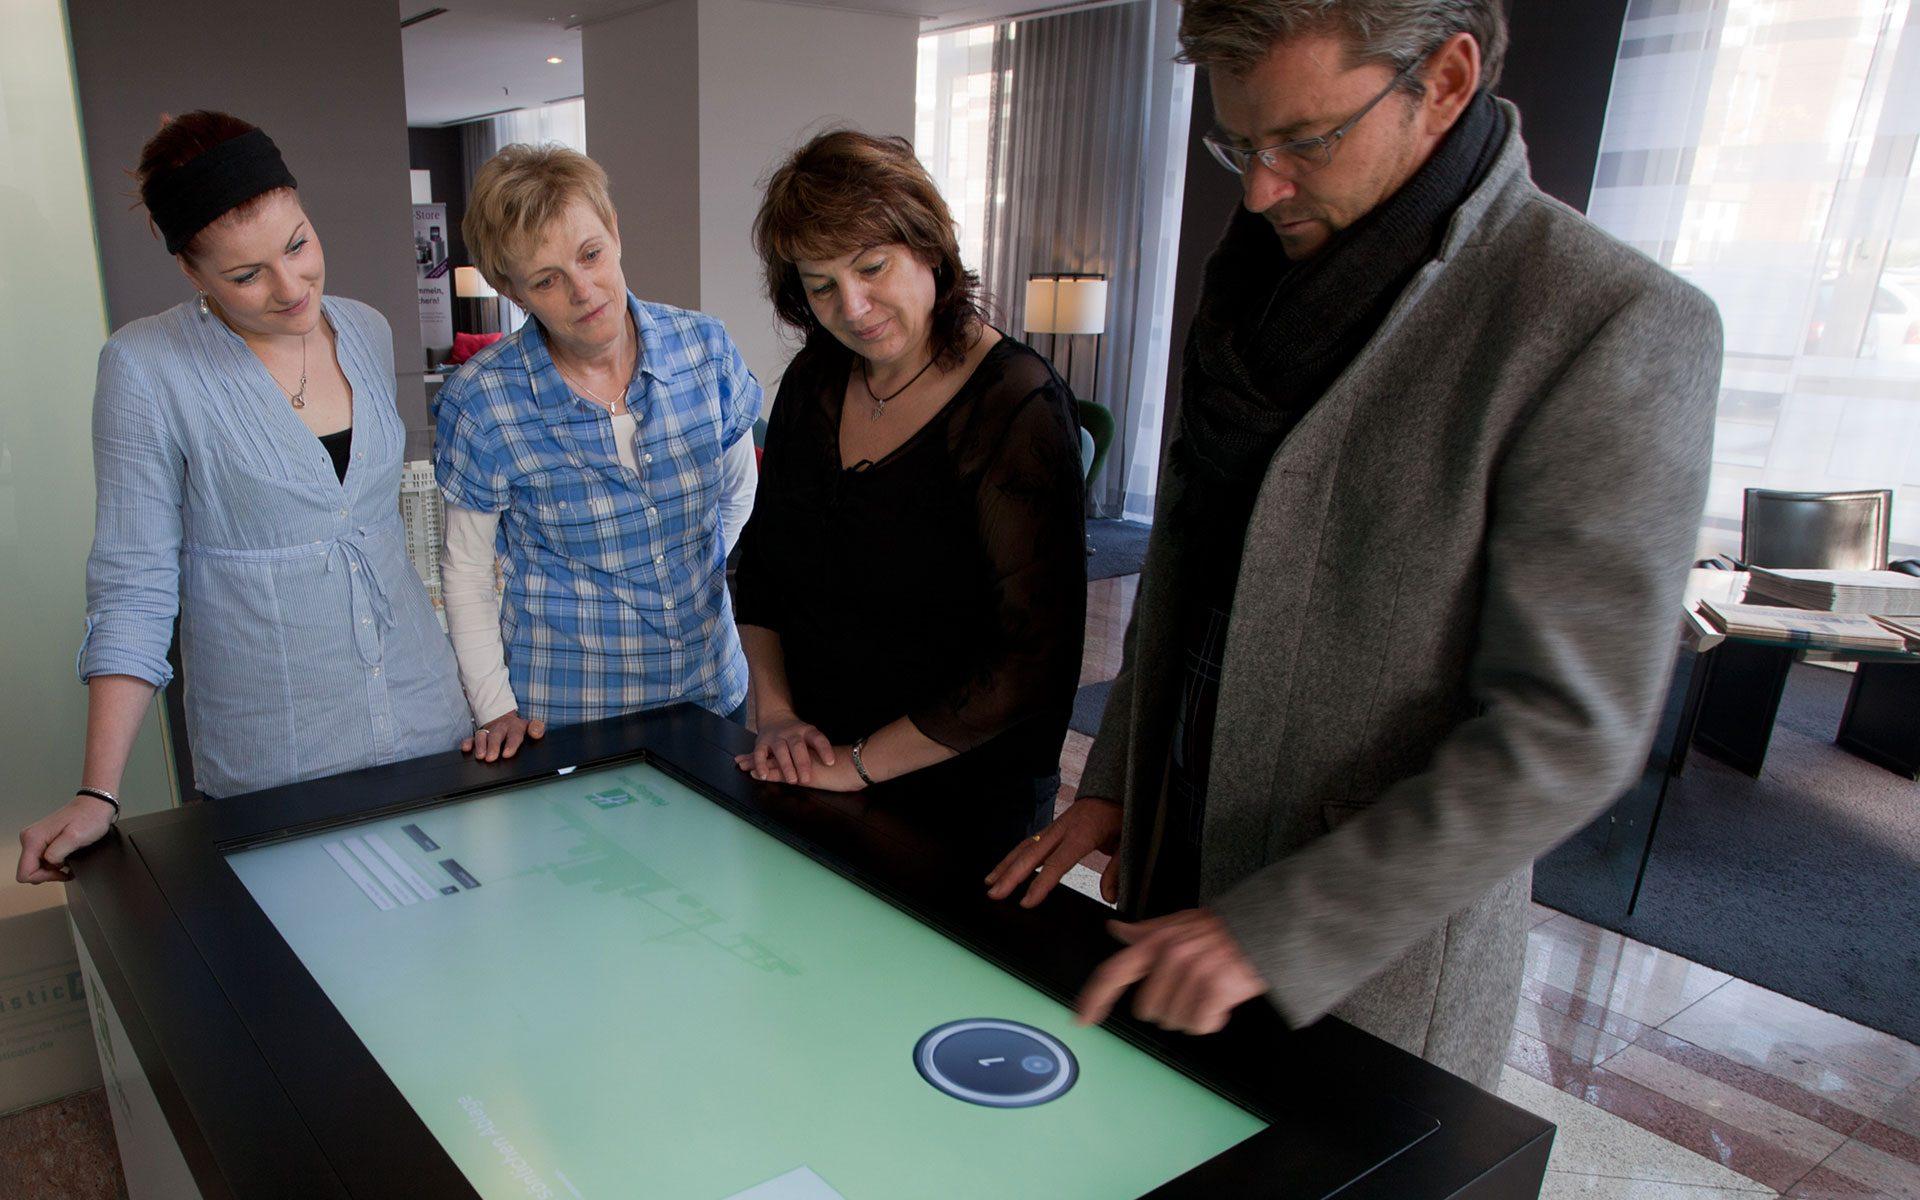 Kleinhempel Digital Signage Interaktiver Touch Desk im Einsatz